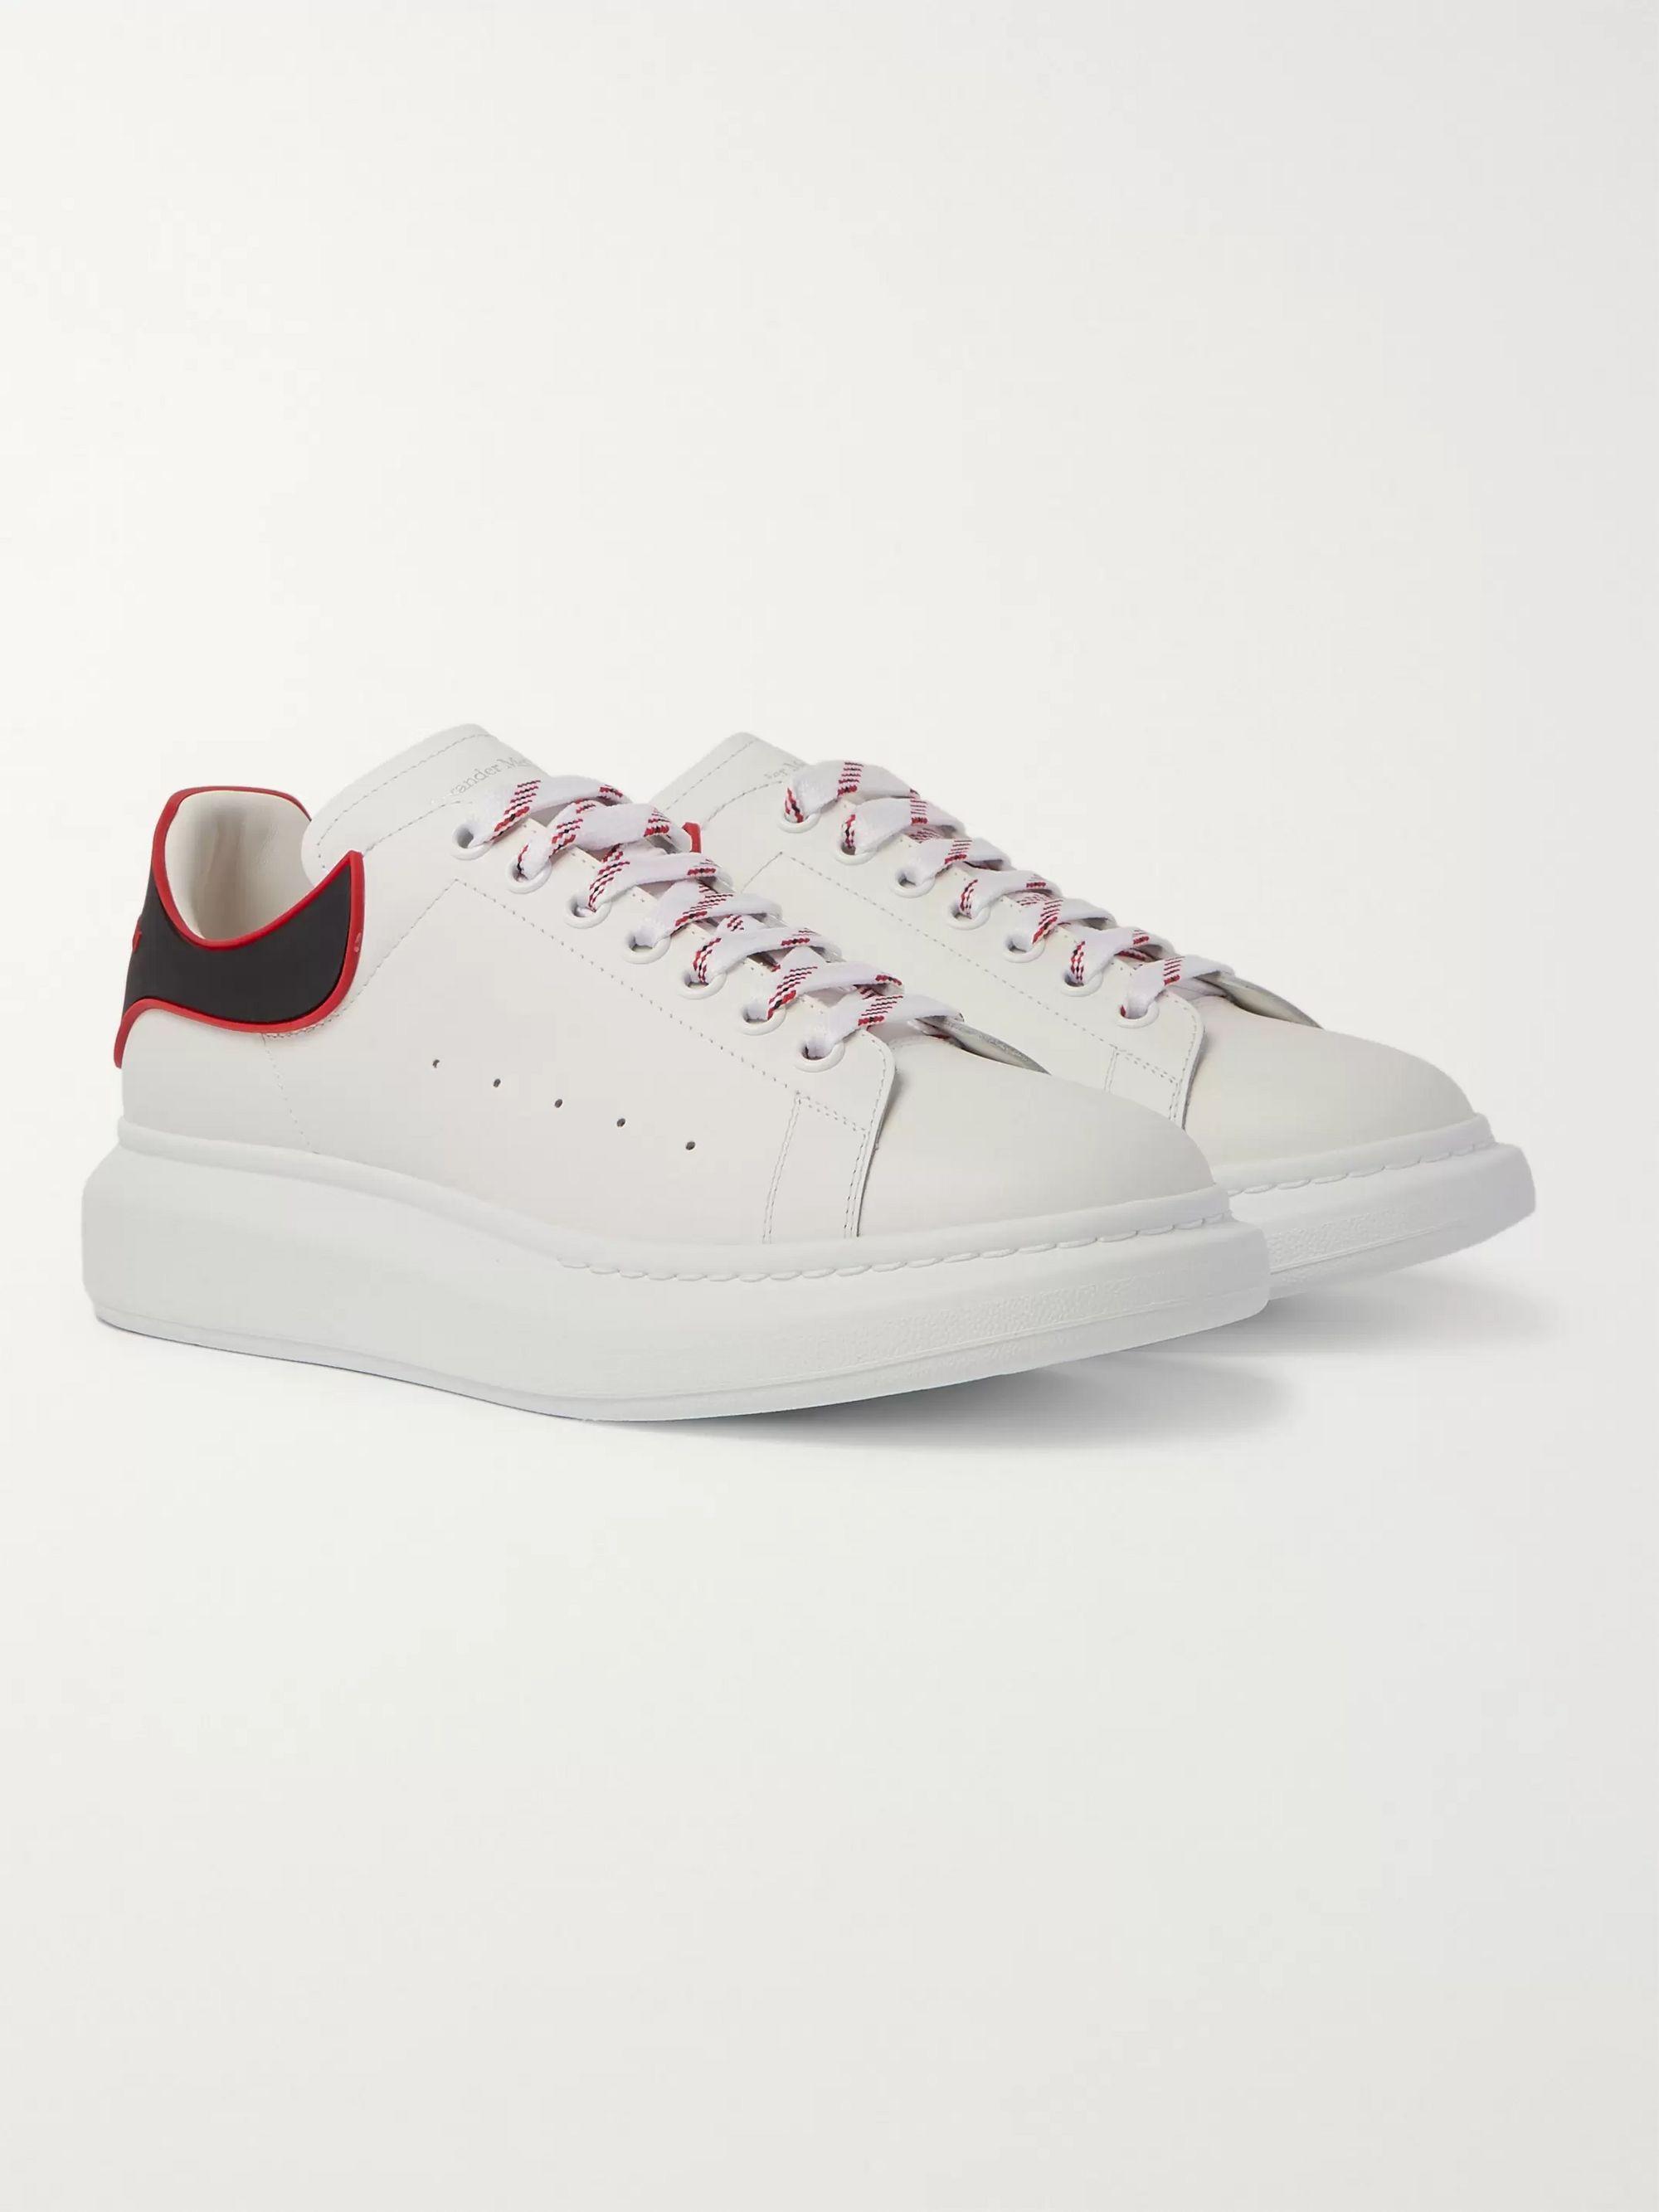 알렉산더 맥퀸 Alexander McQueen Exaggerated-Sole Rubber-Trimmed Leather Sneakers,White